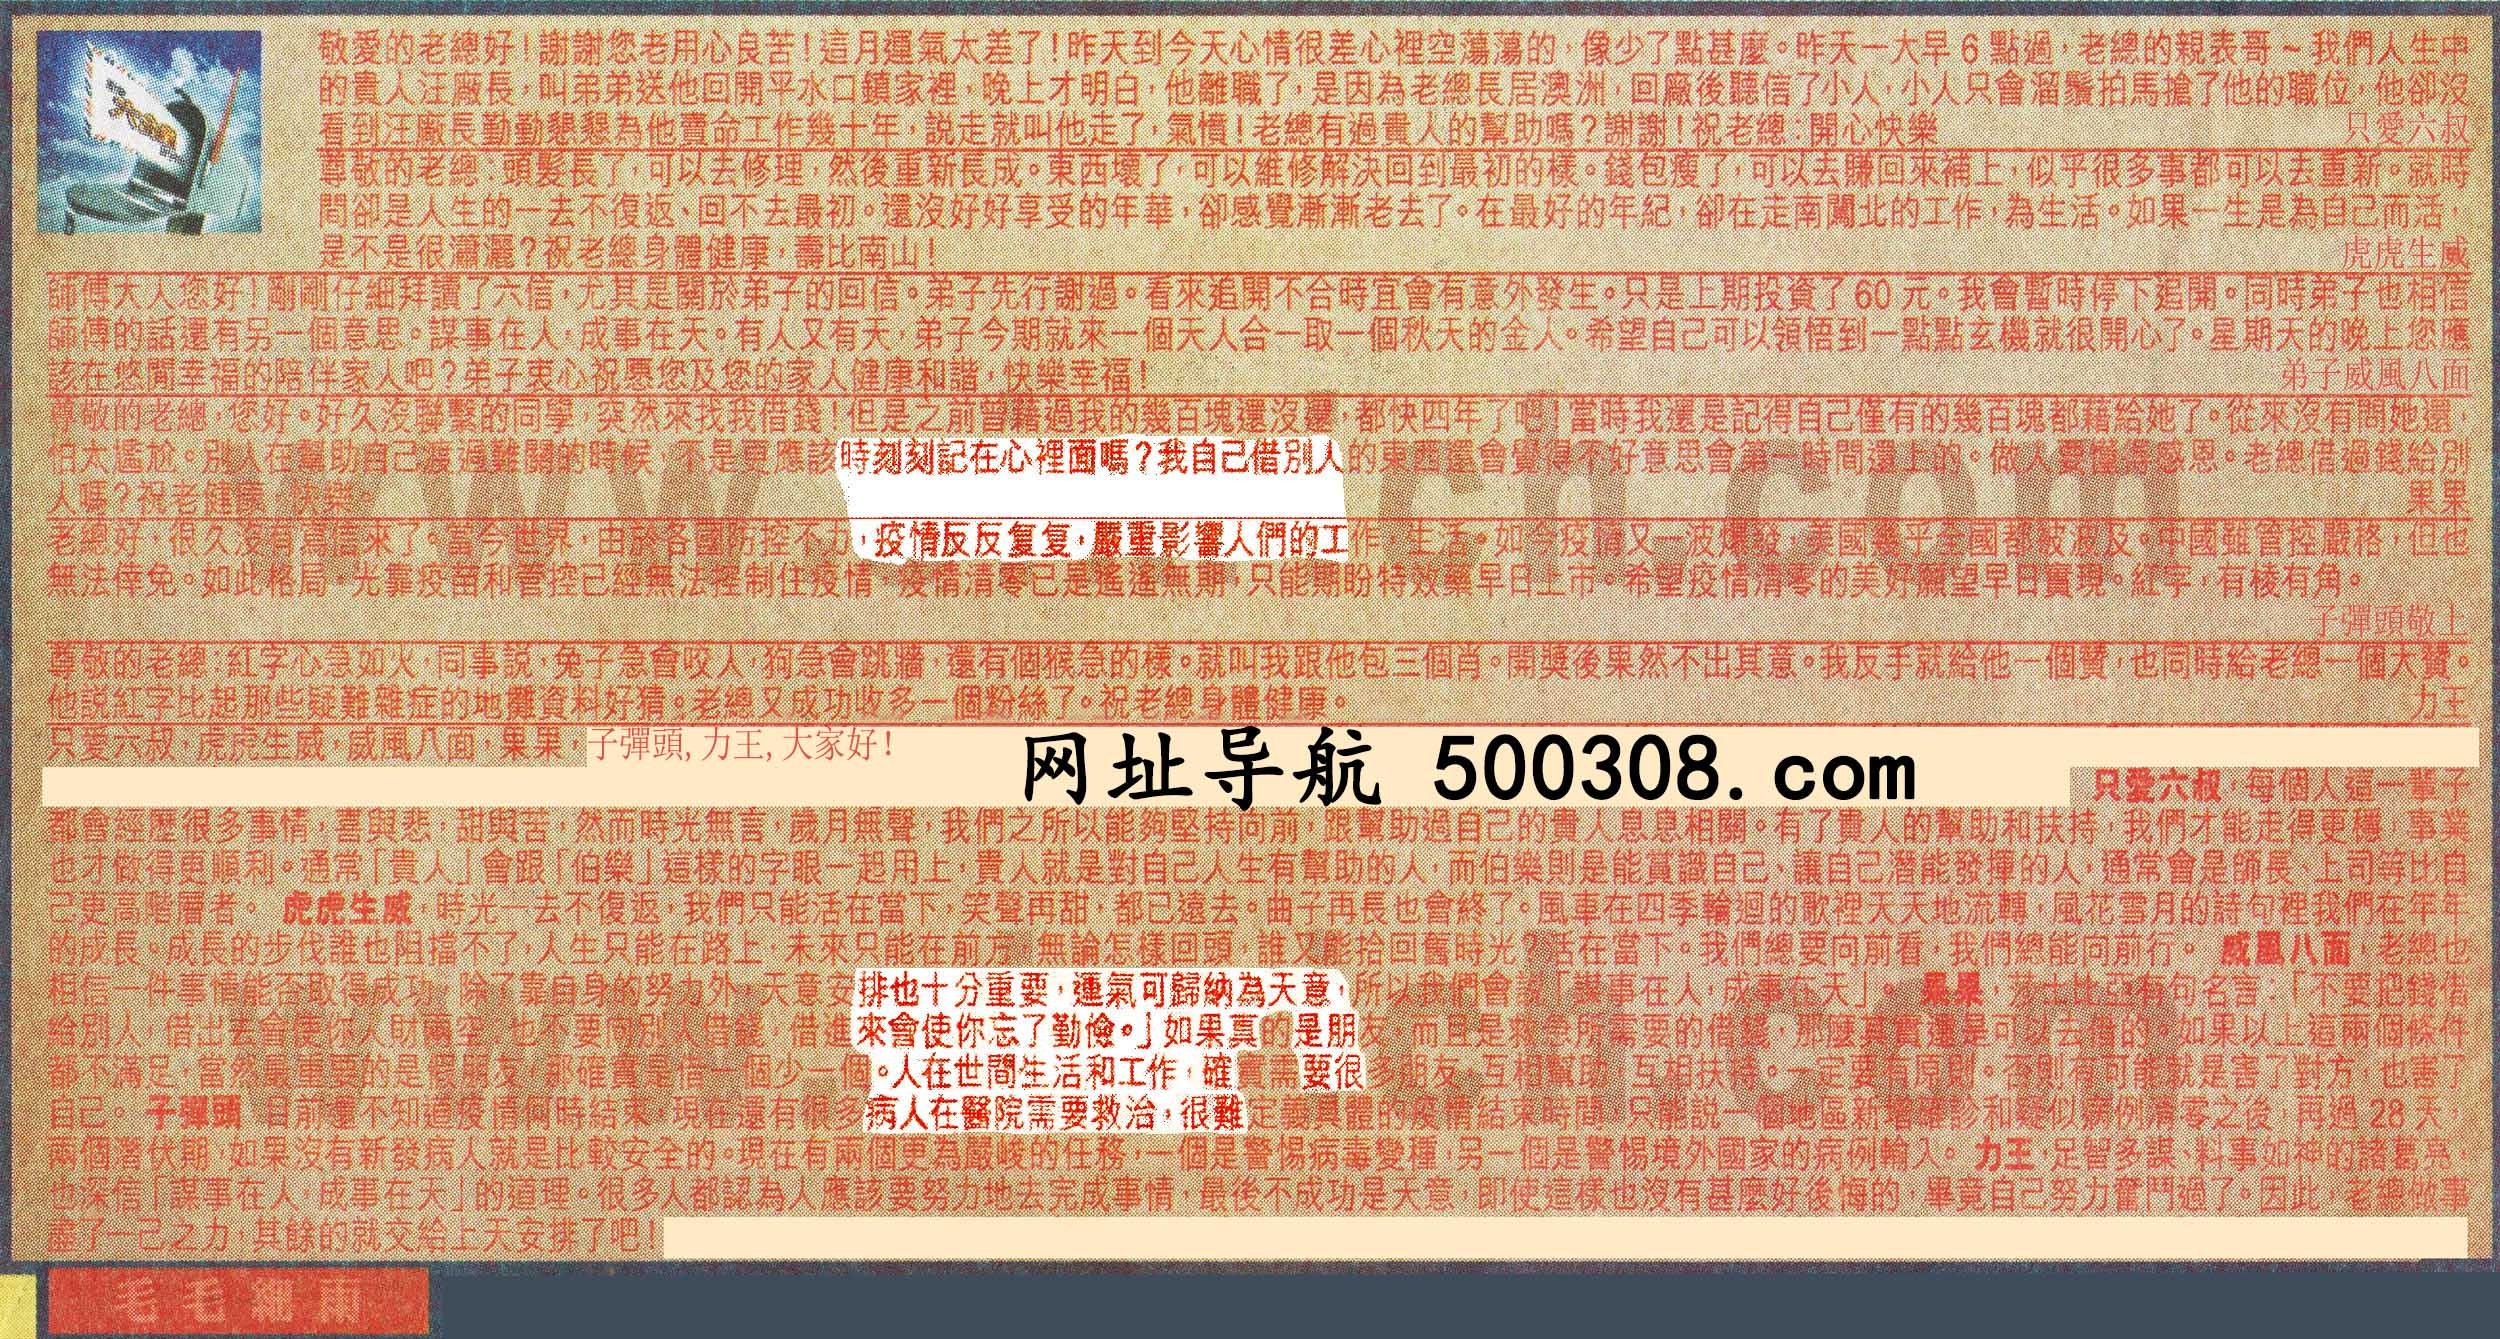 072期:彩民推荐六合皇信箱(�t字:毛毛�雨)_072期开奖结果:42-05-18-48-02-21-T46(龙/红/土)